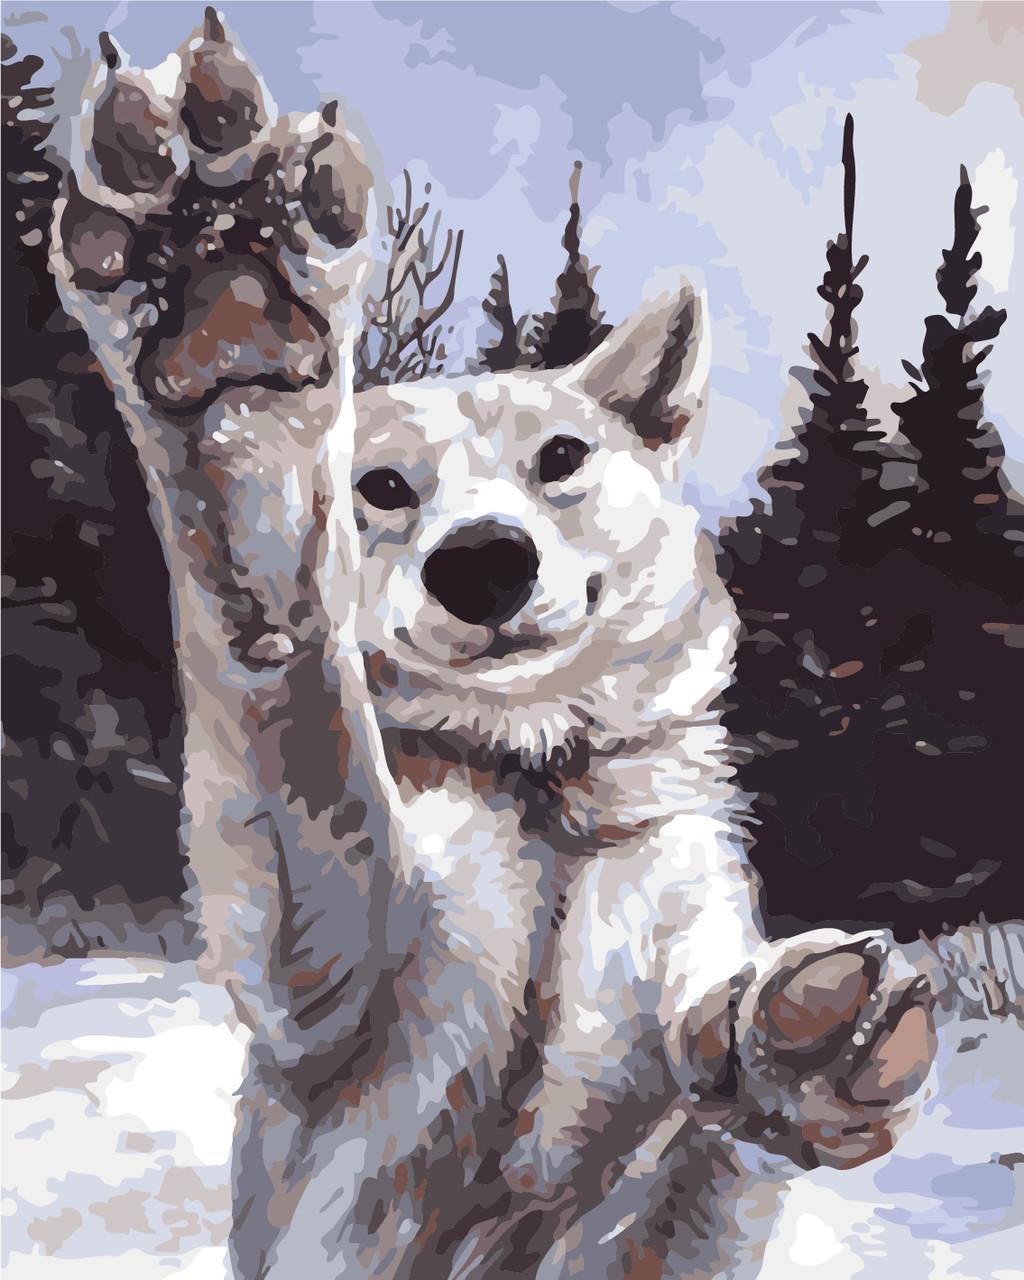 Картина рисование по номерам ArtStory Хочу играть 40х50см AS0284 набор для росписи, краски, кисти, холст